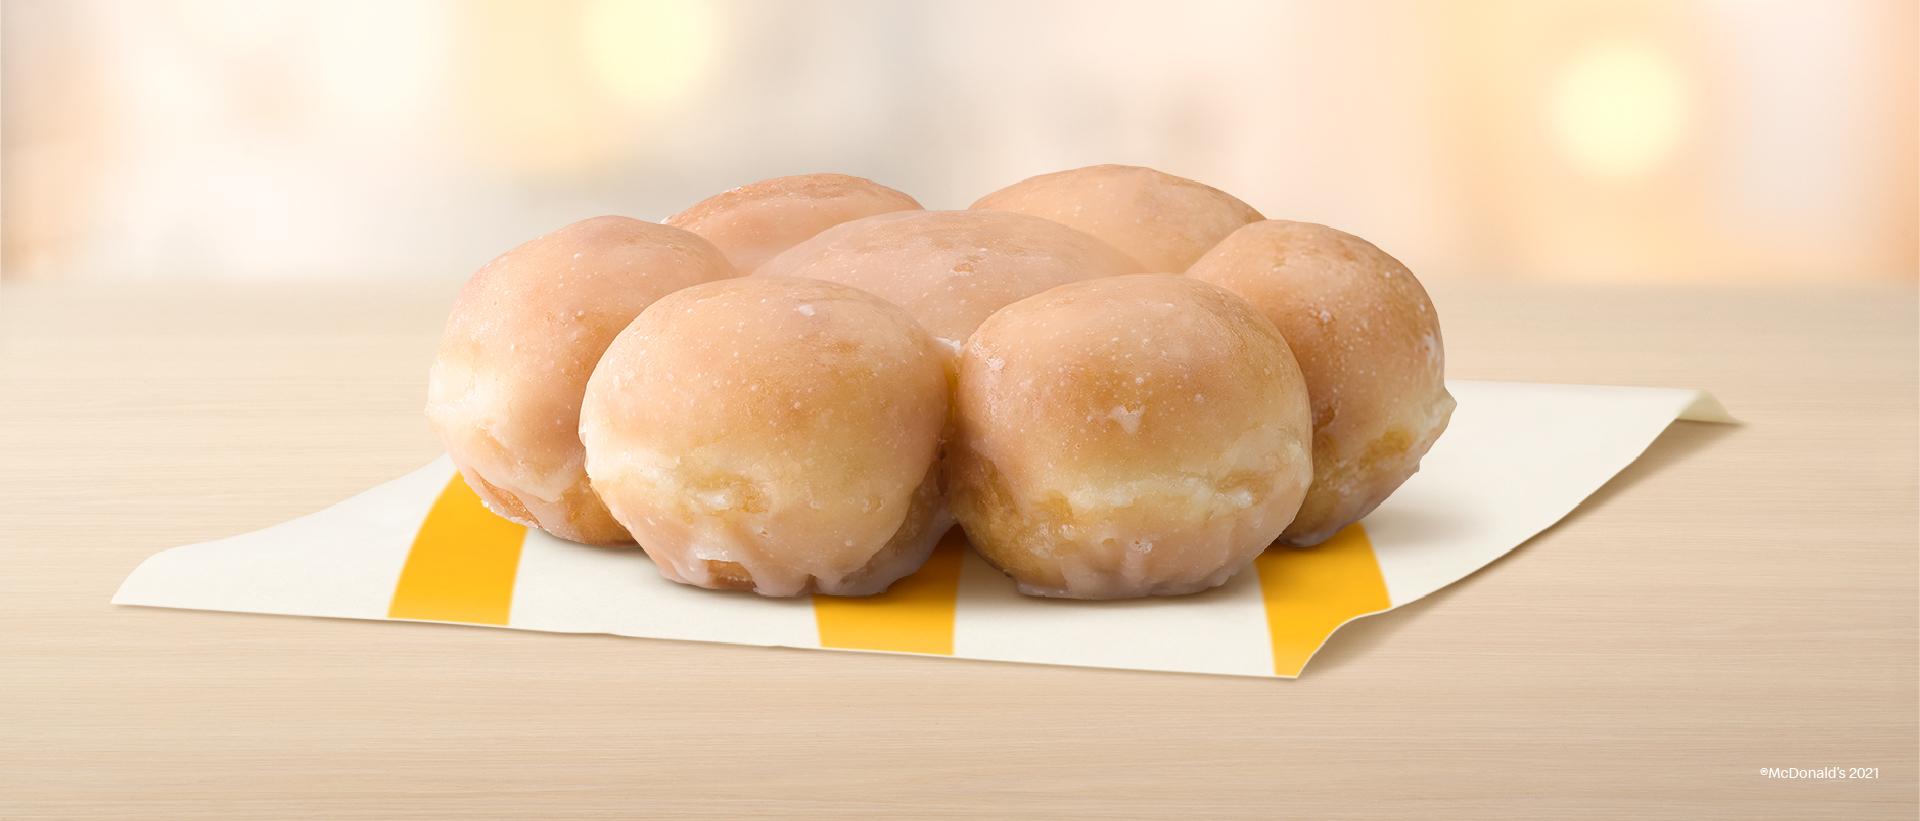 McDonald's Doughnuts